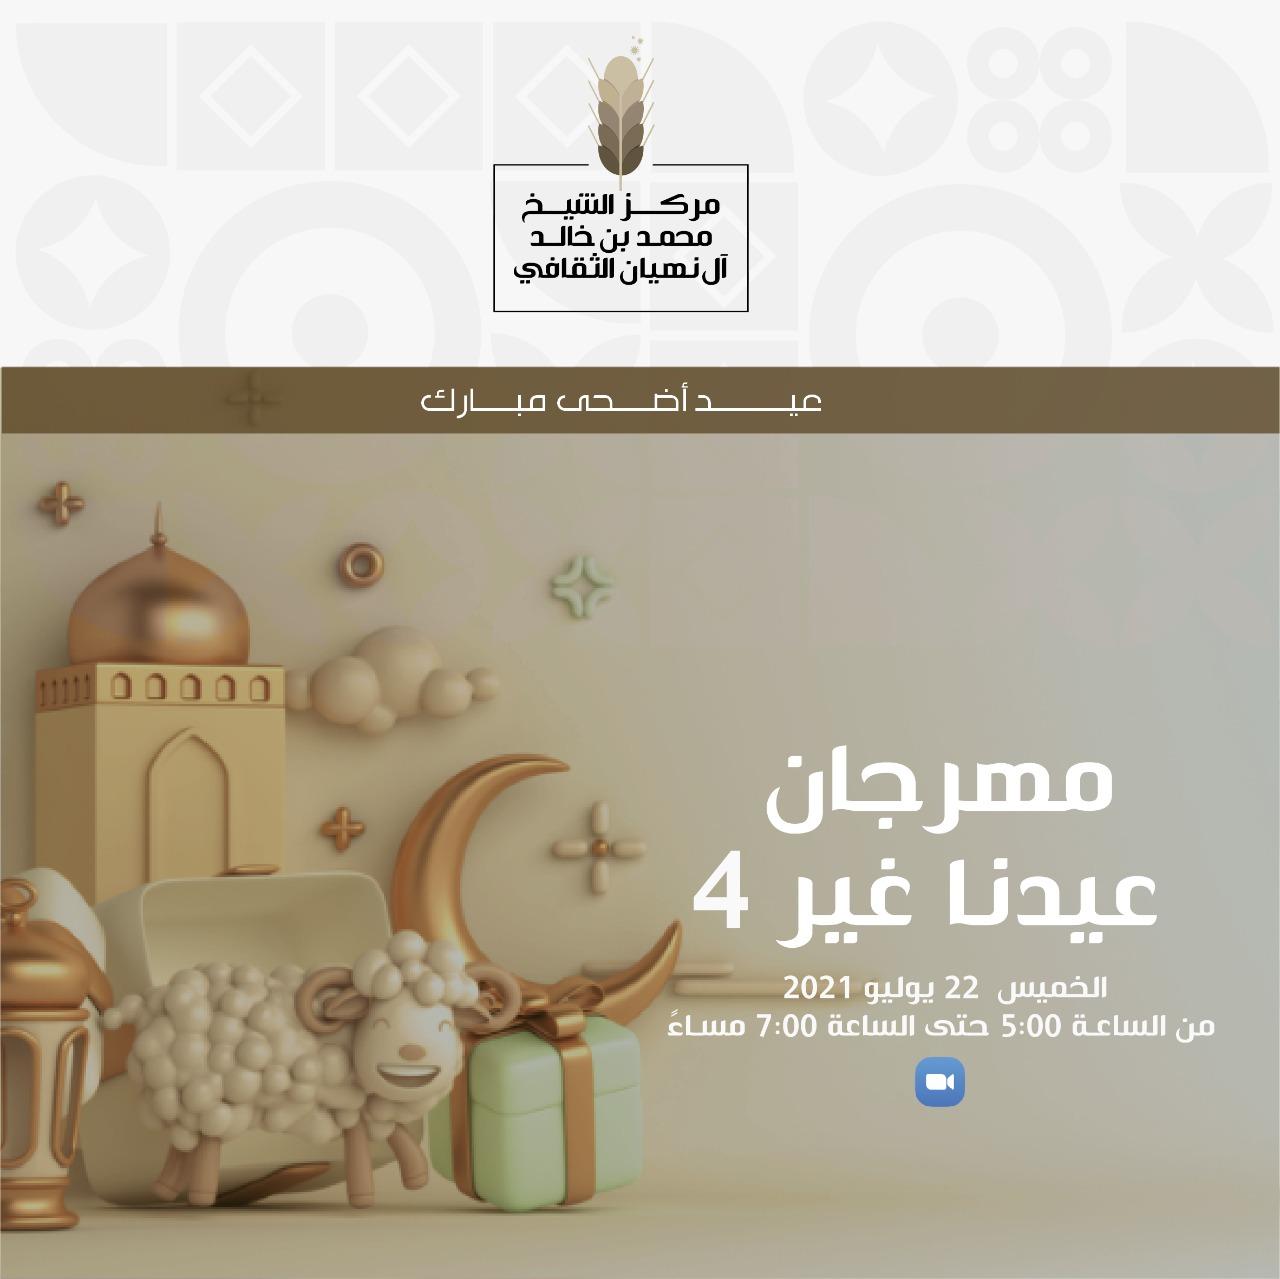 «بن خالد الثقافية» تنظم المهرجان الافتراضي «عيدنا غير»